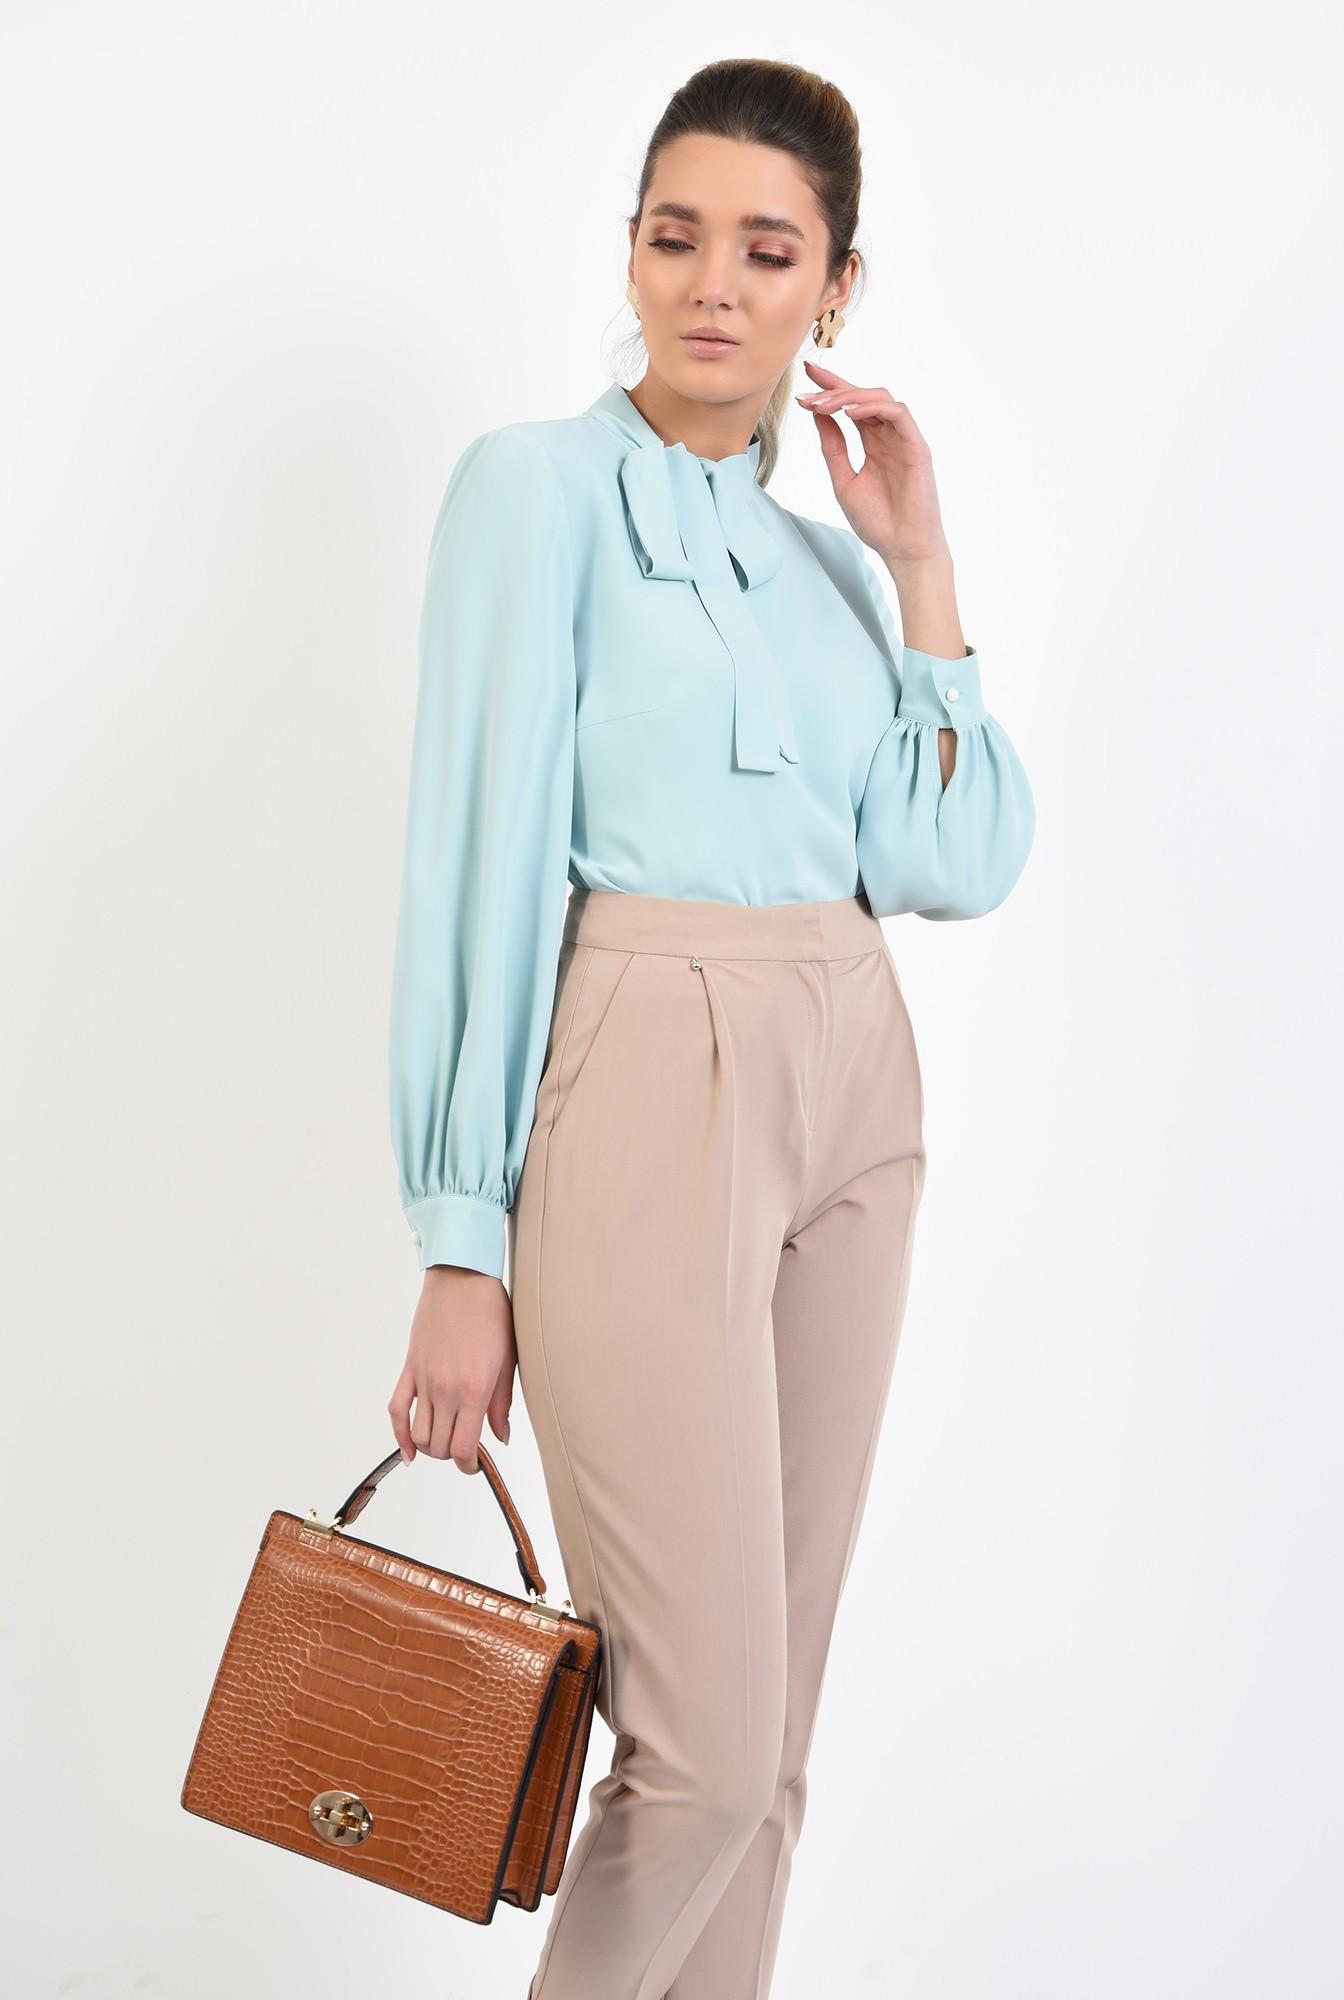 0 - 360 - bluza casual, cu funda laterala, maneci lungi, bluza de primavara